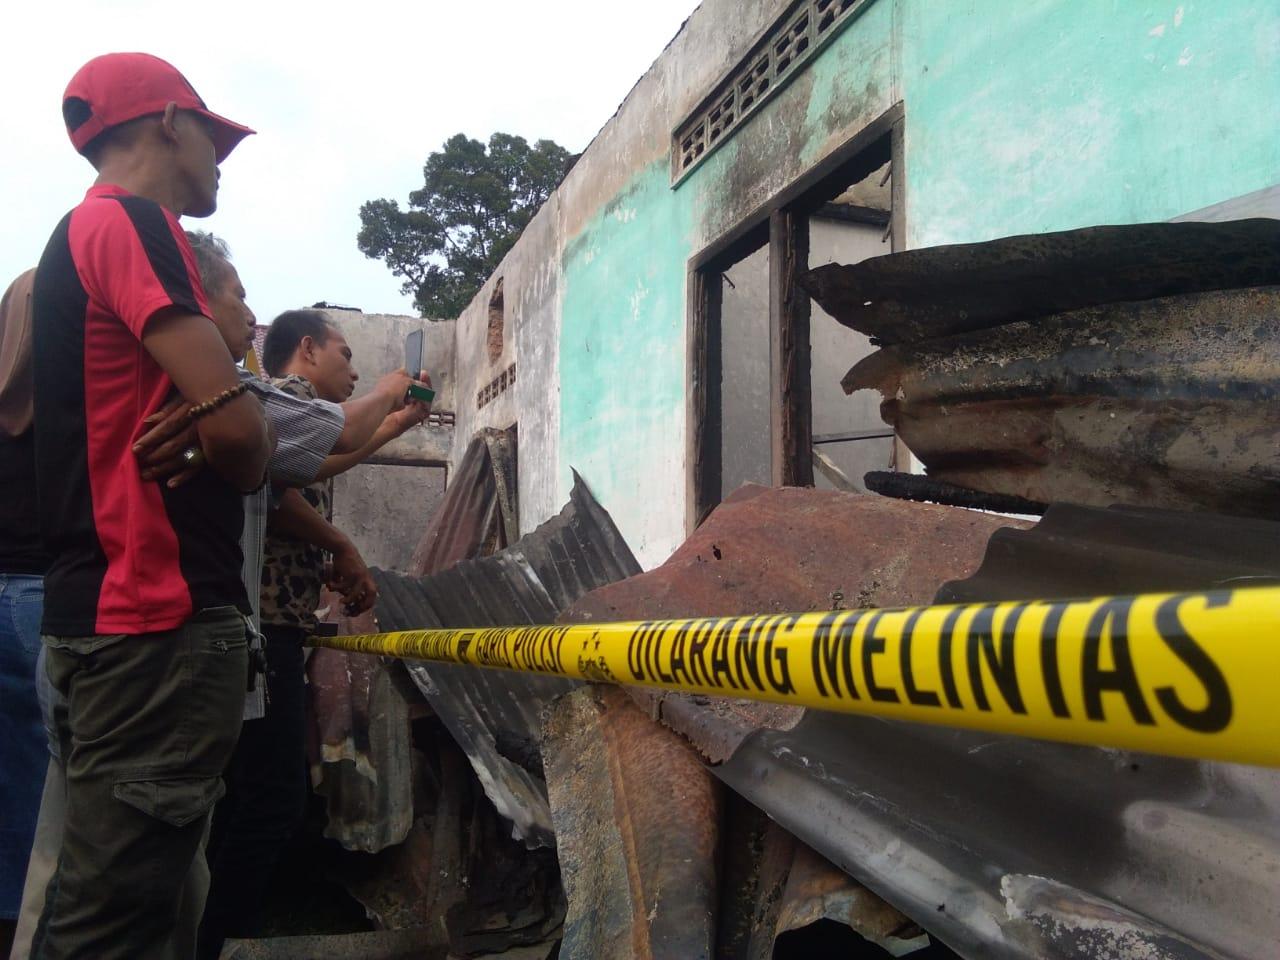 Pengawas Ketenagakerjaan Temukan Enam Pelanggaran di Pabrik Korek Api yang Terbakar